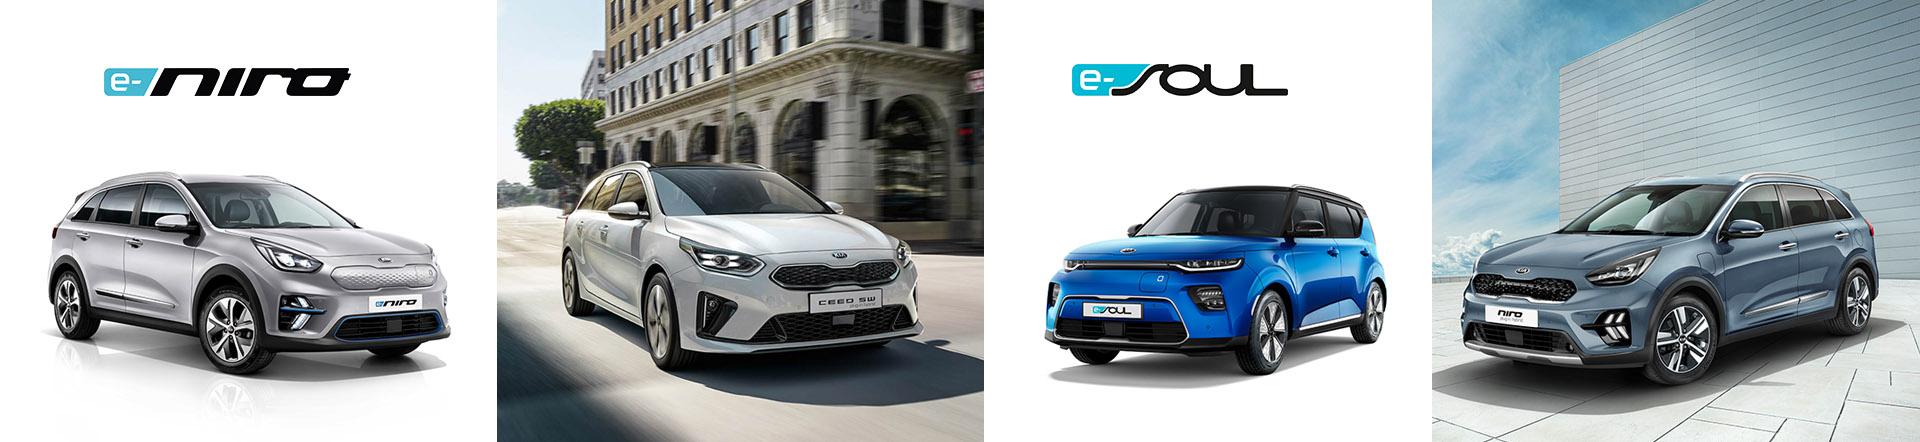 Kia e-Testdrive Tage bei AUTO STAHL #GOelectric mit den Modellen von KIA